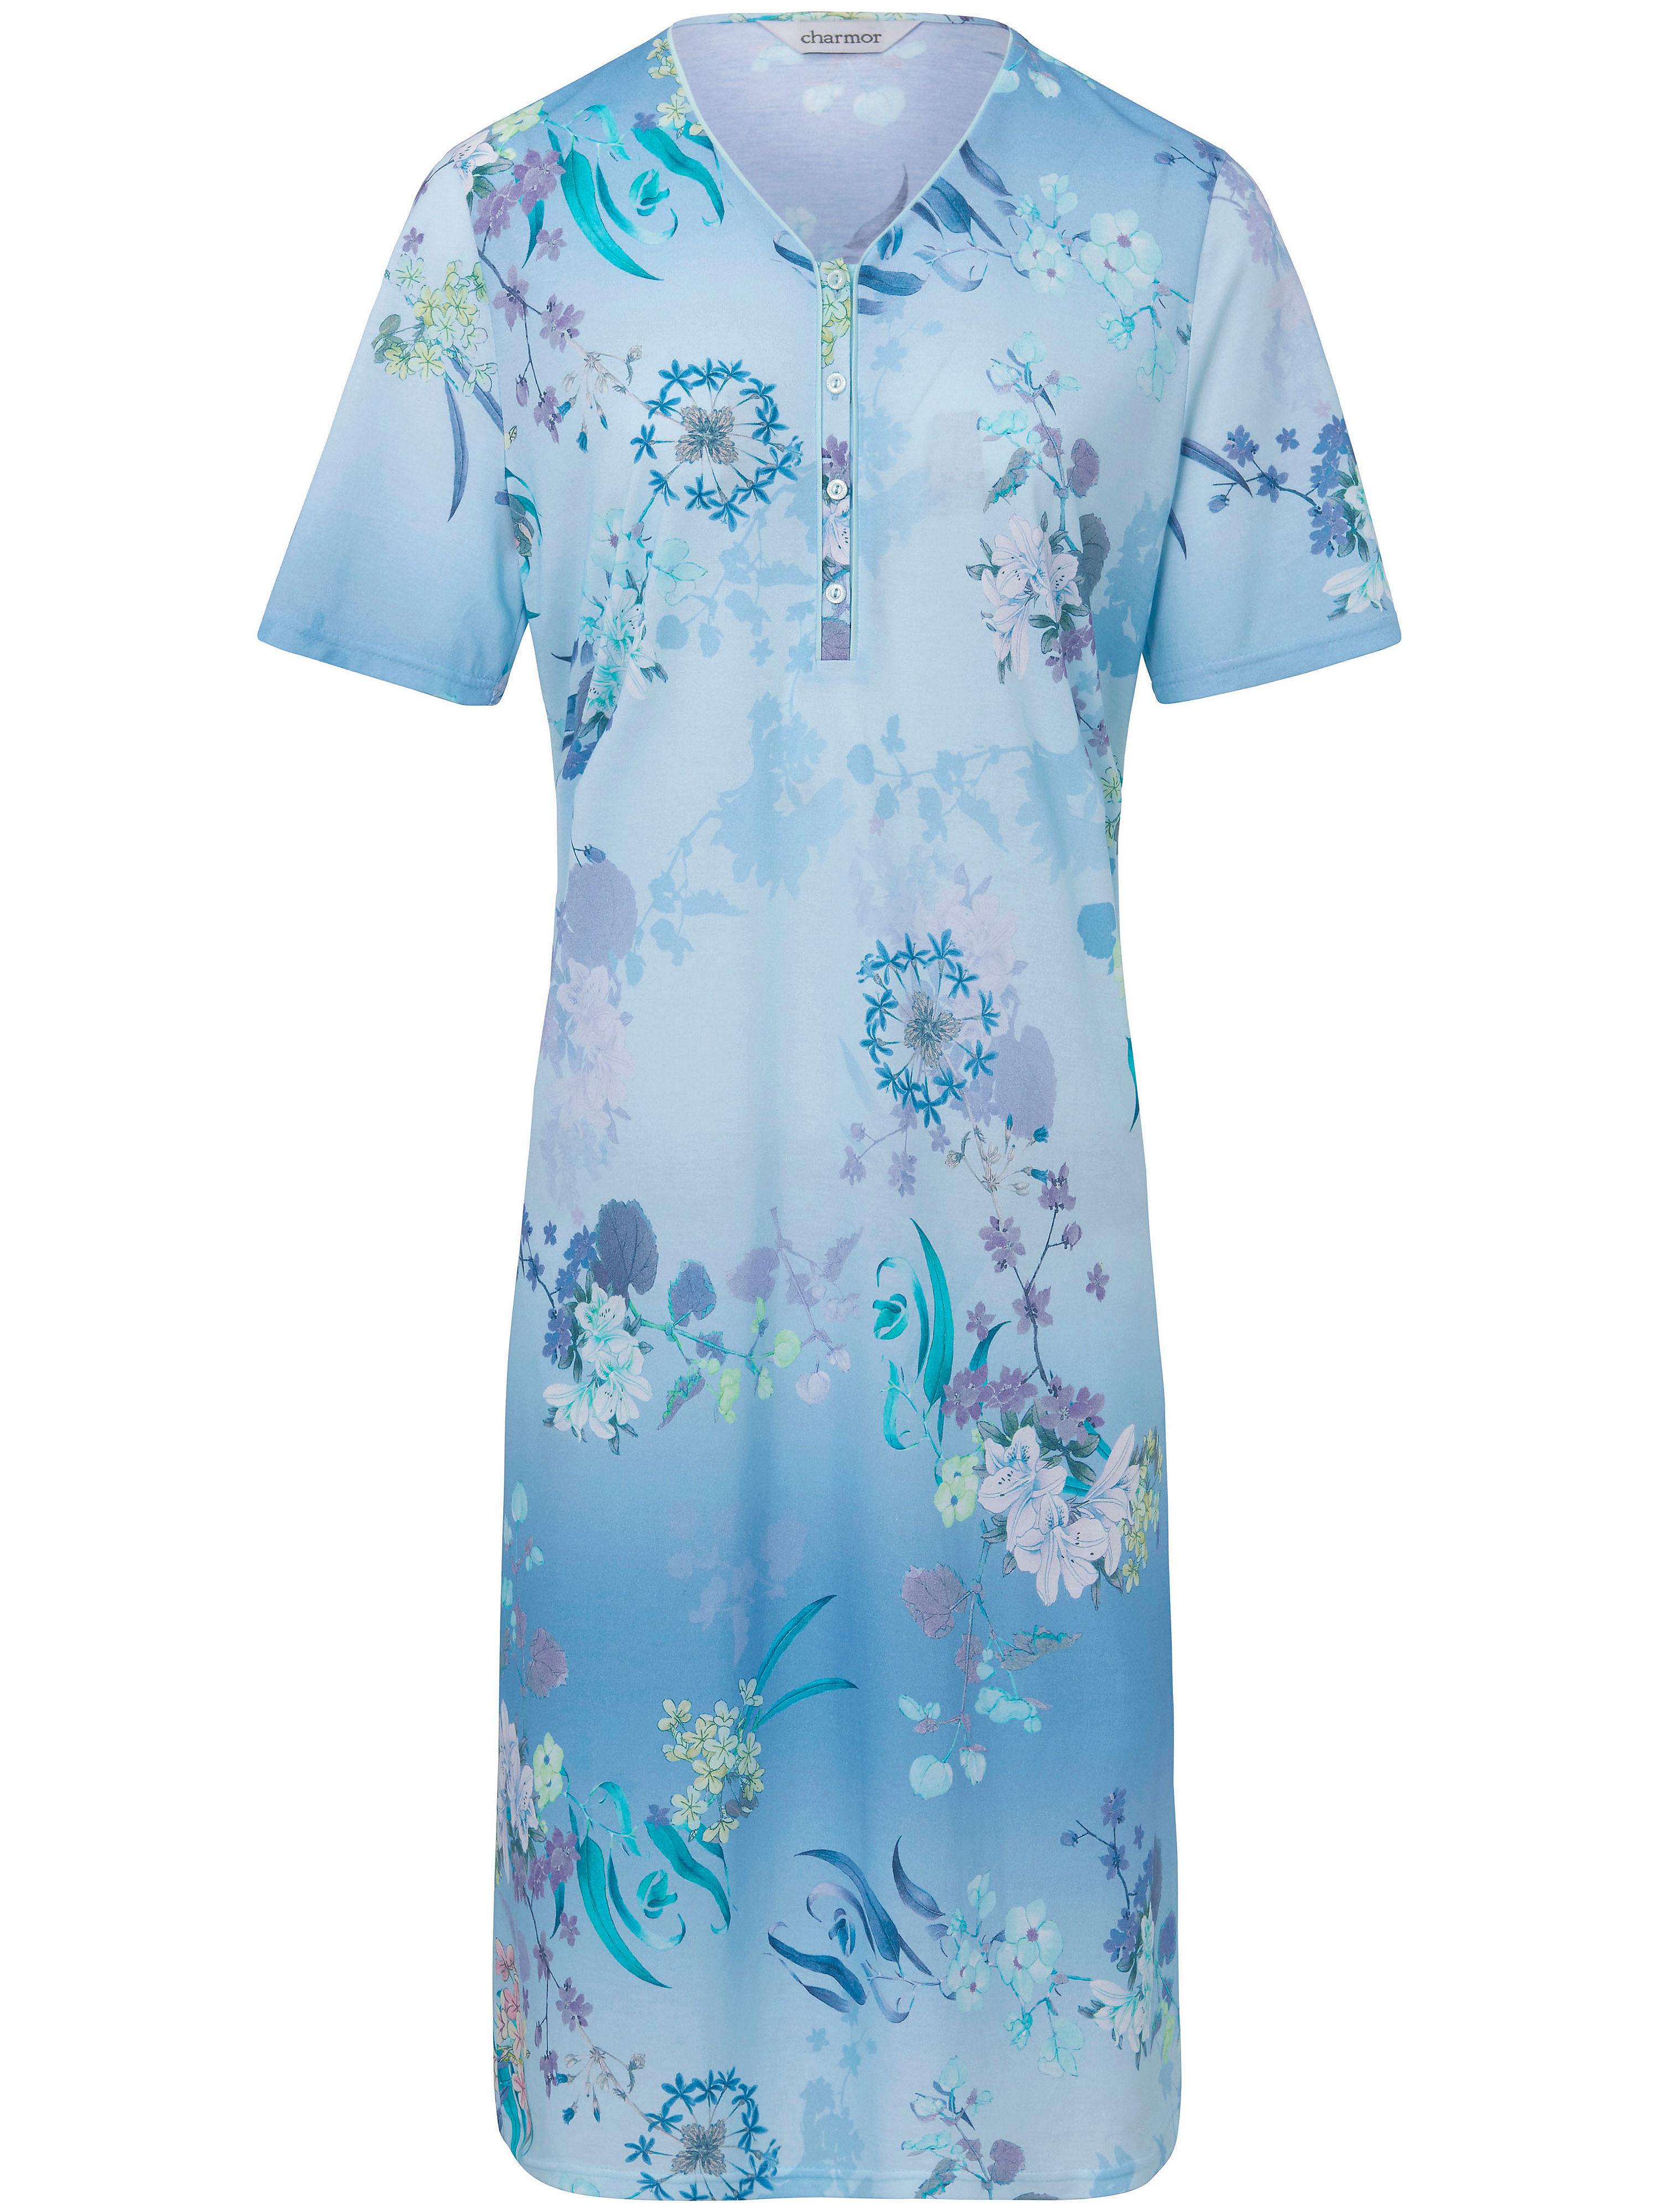 La chemise nuit imprimée, manches courtes  Charmor bleu